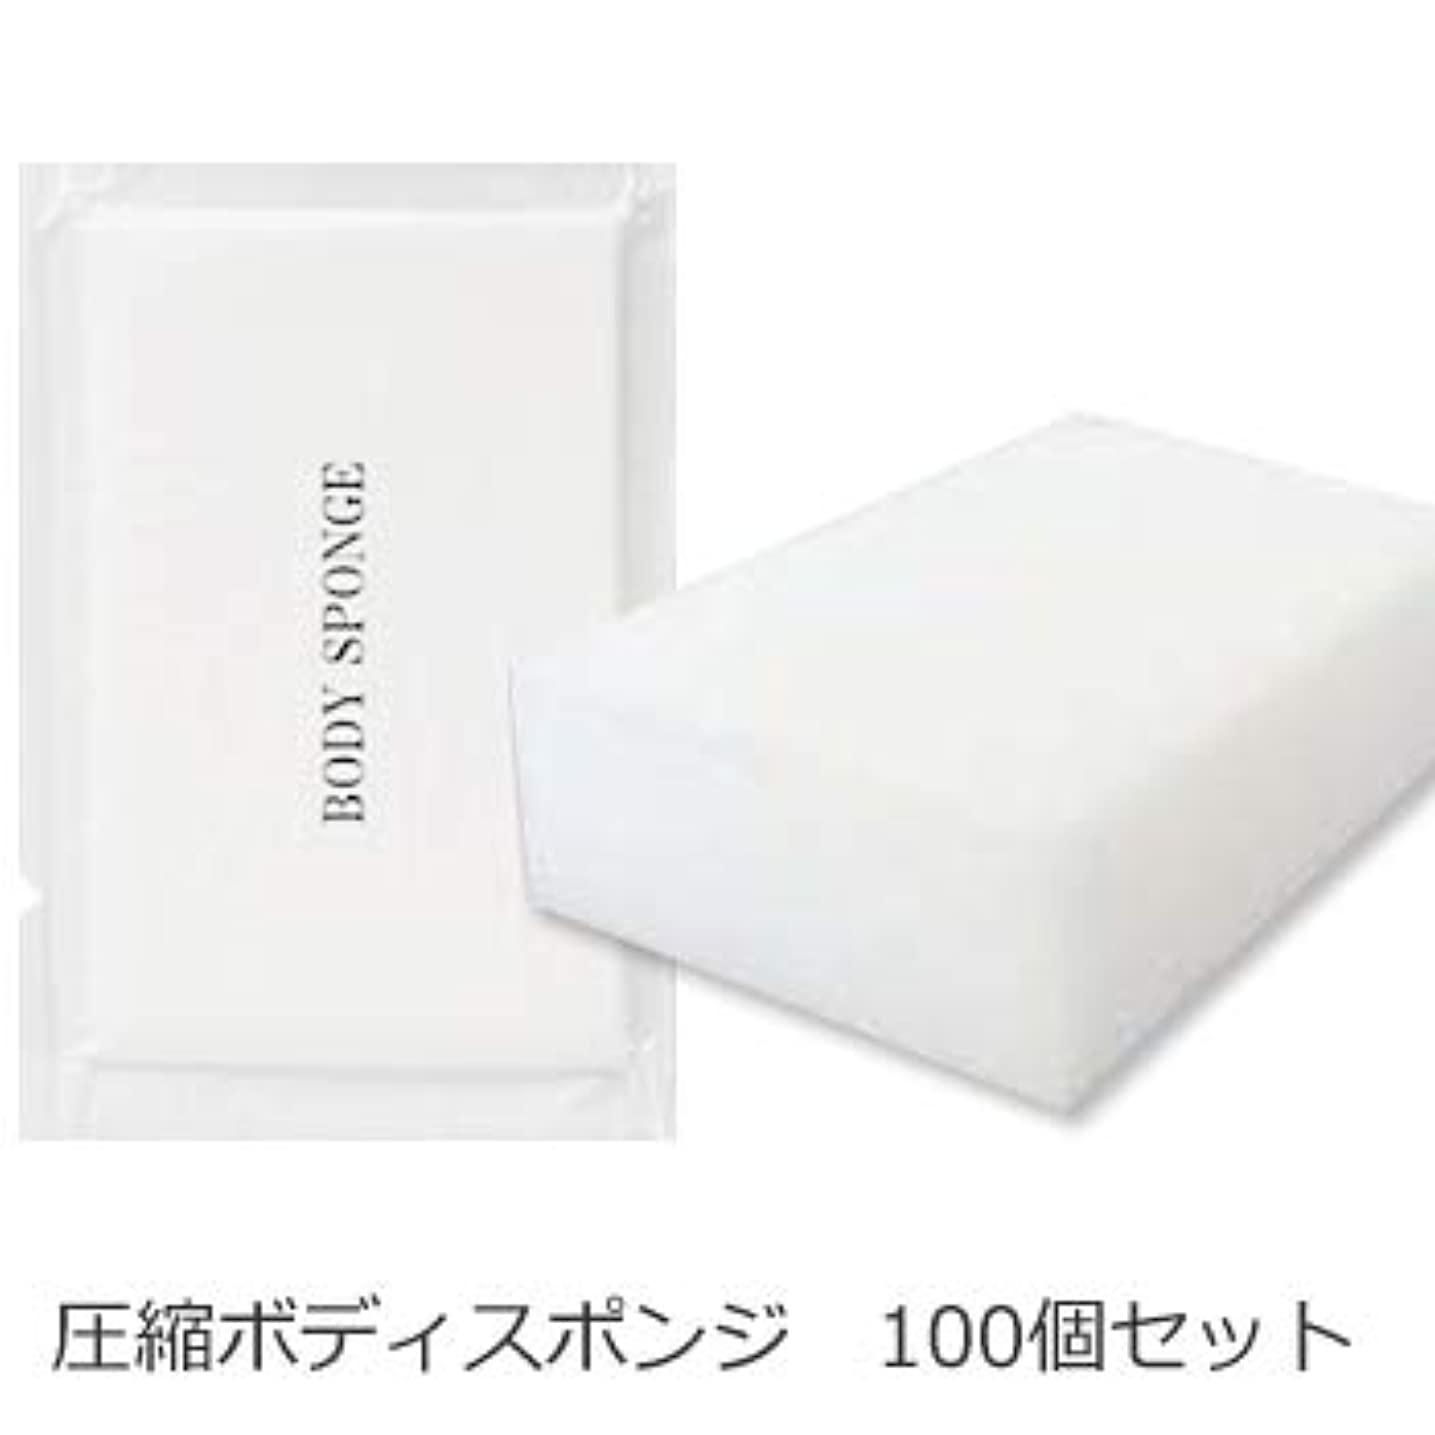 キャメル不測の事態北西ボディスポンジ 海綿タイプ 厚み 30mm (1セット100個入)1個当たり14円税別